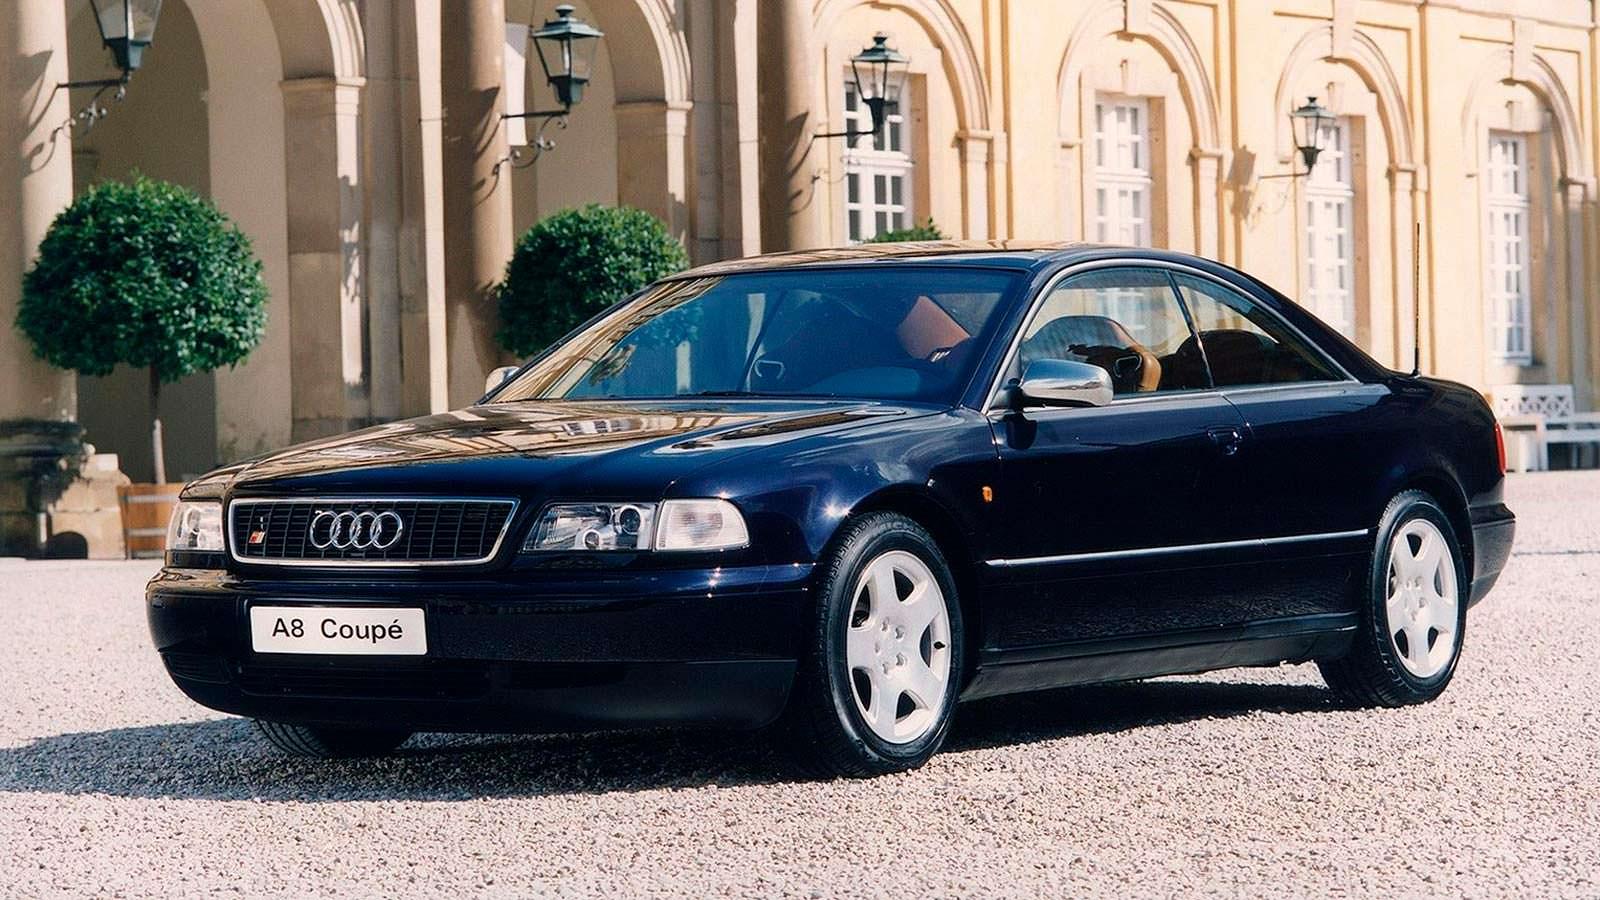 Концепт Audi A8 Coupe 1997 года